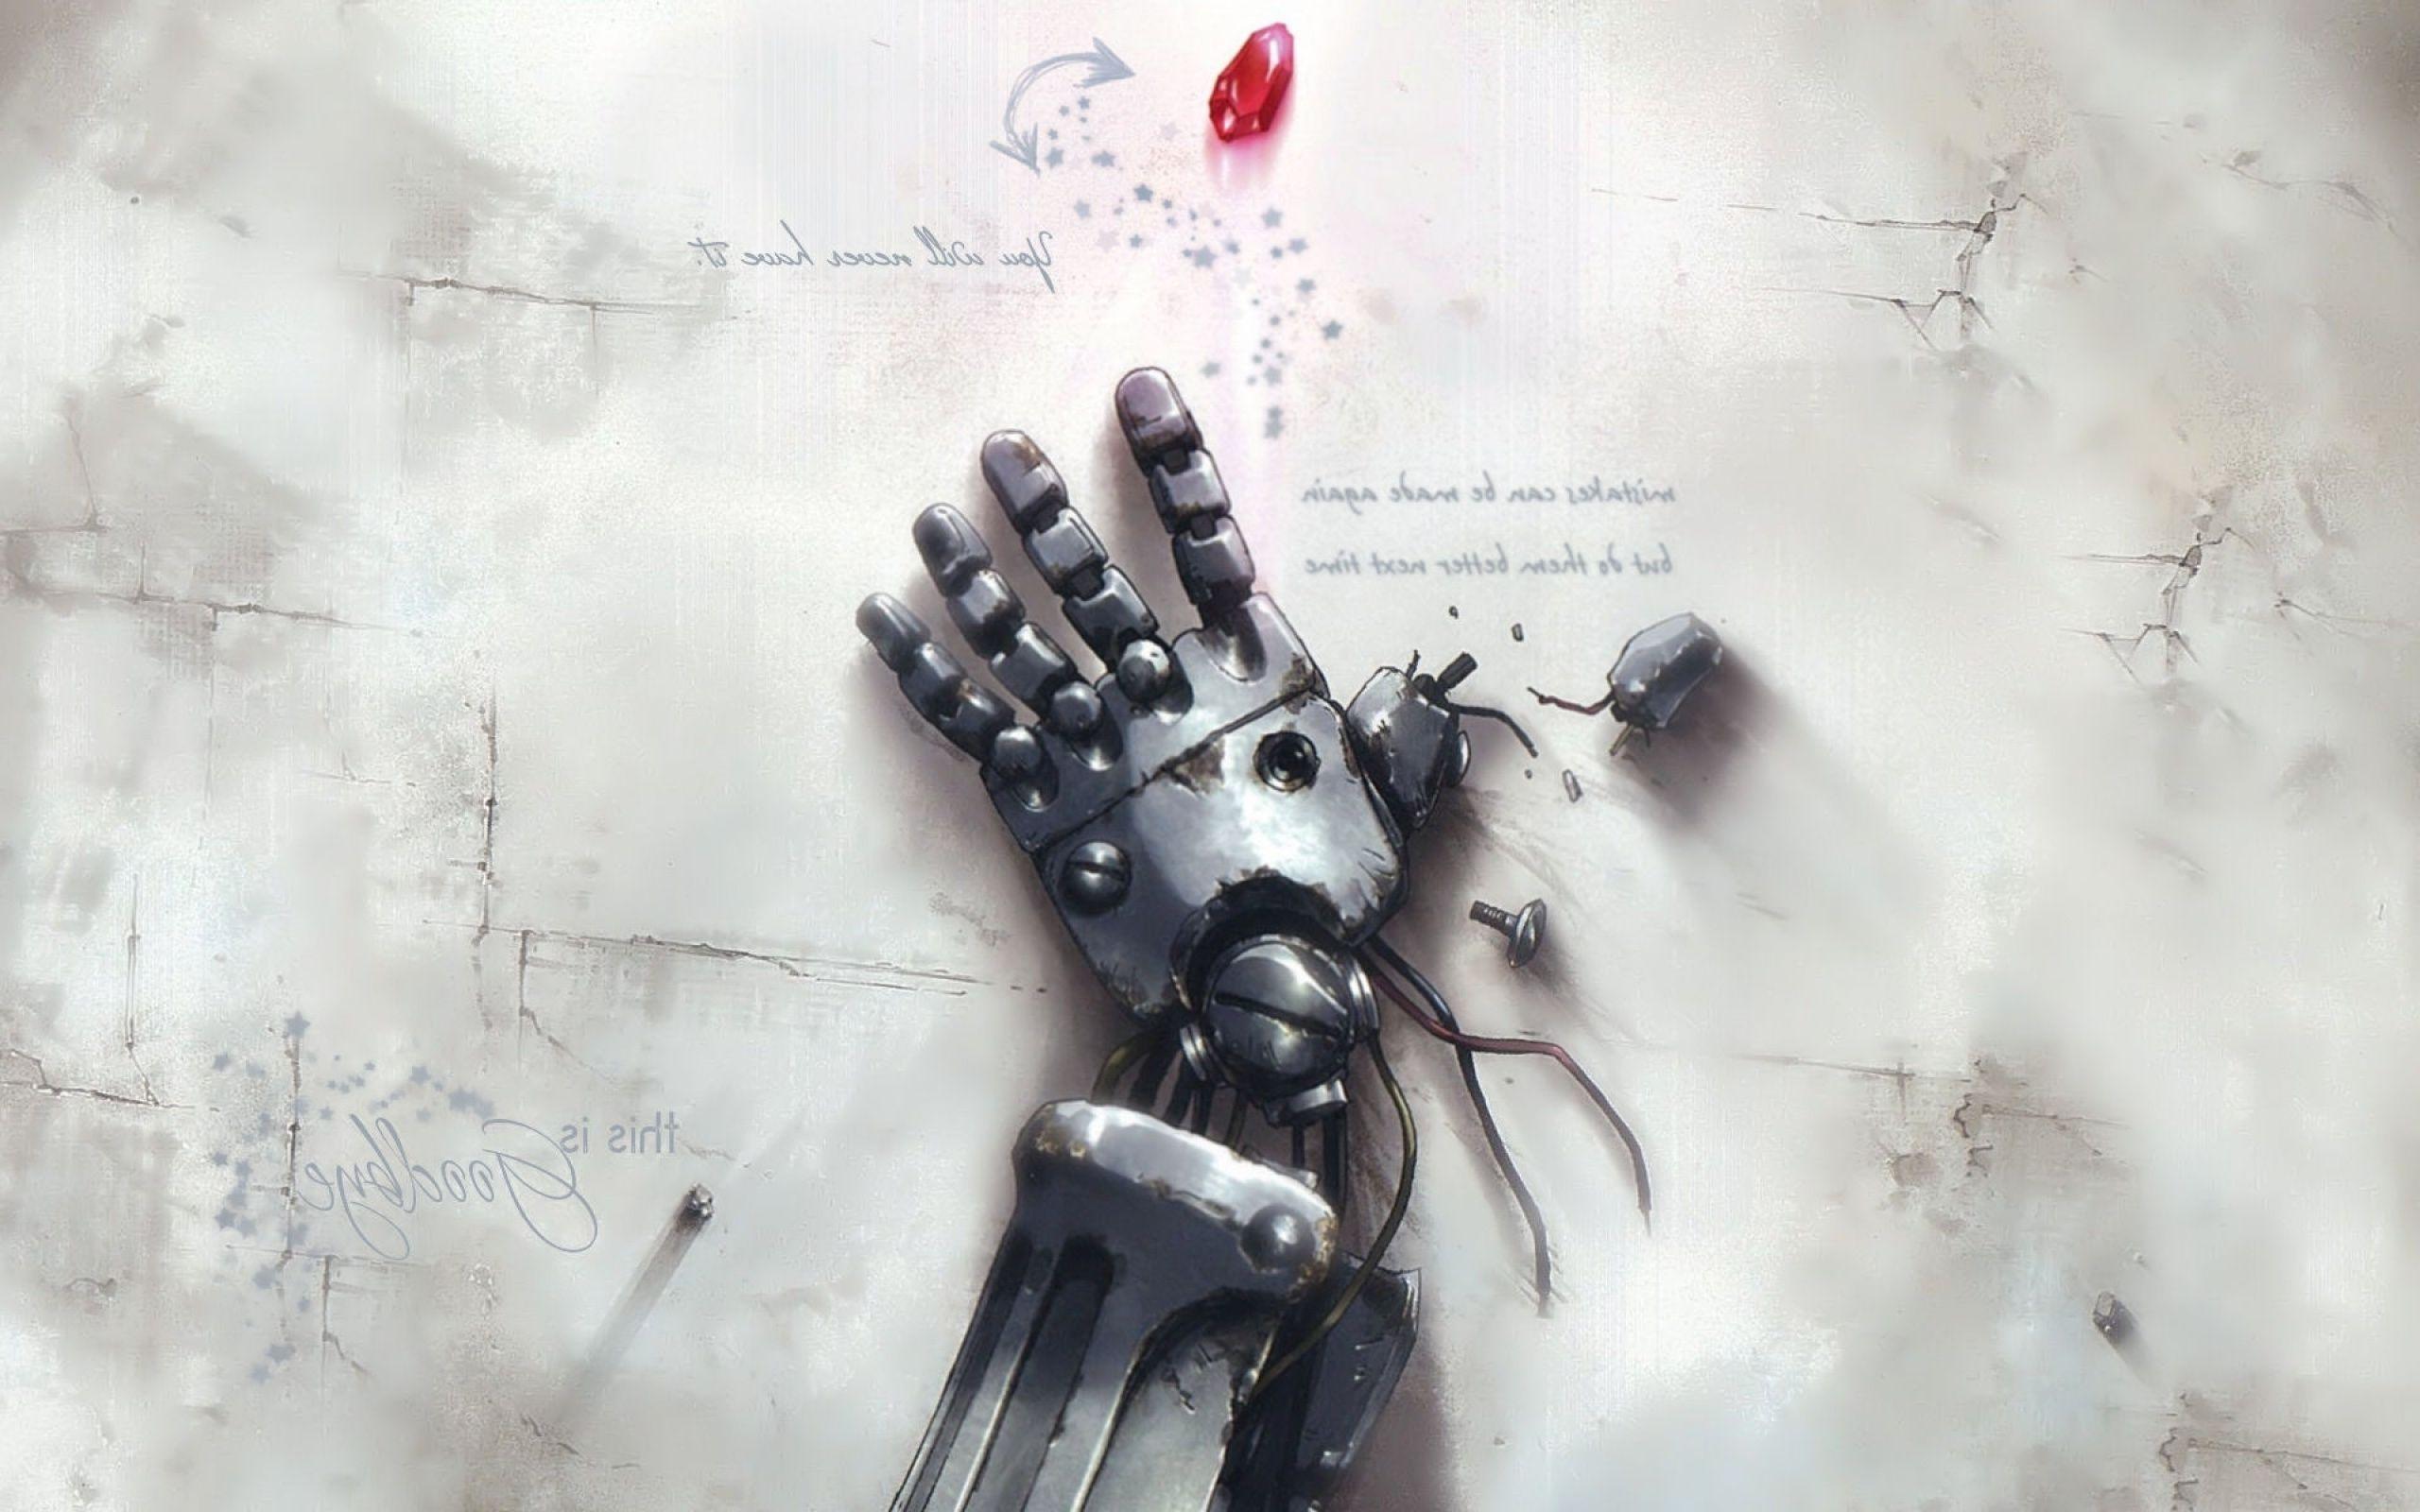 Fullmetal Alchemist Wallpapers - Top Free Fullmetal ...